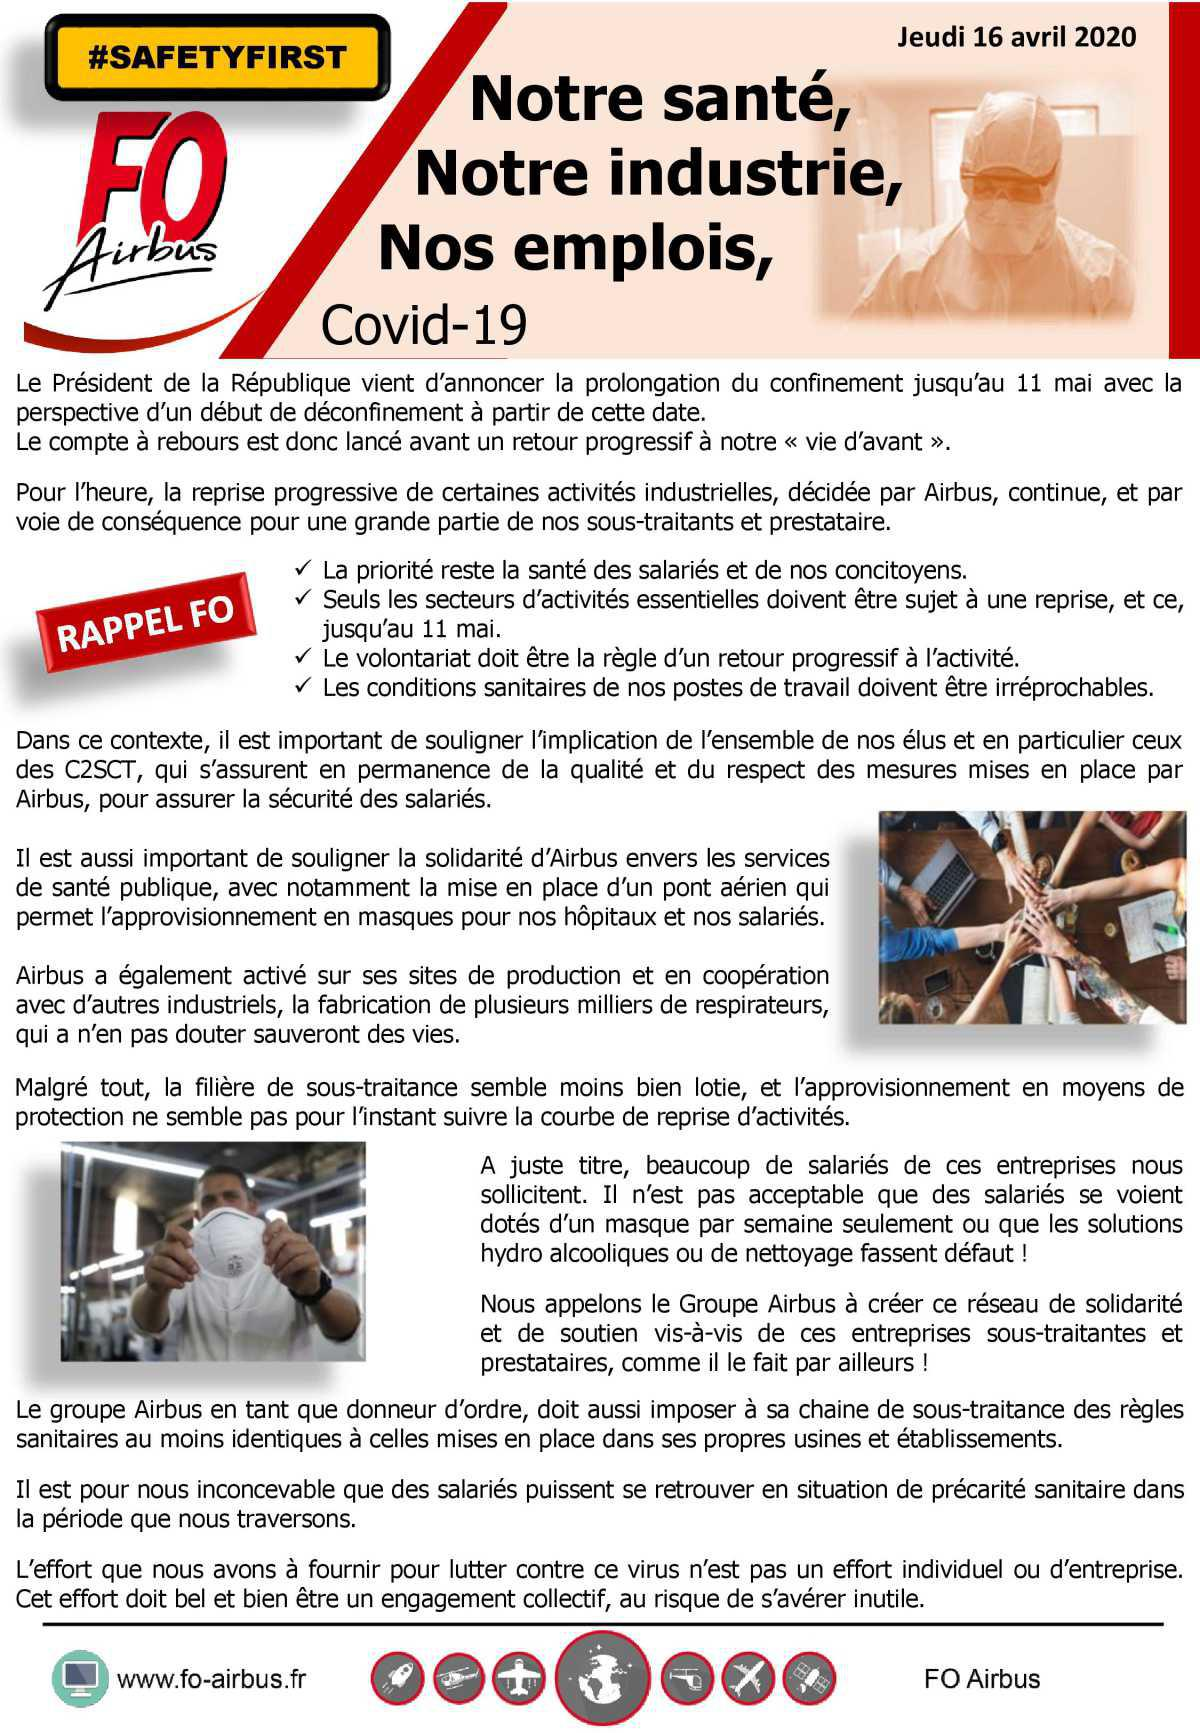 Notre santé, Notre industrie, Nos emplois - COVID 19